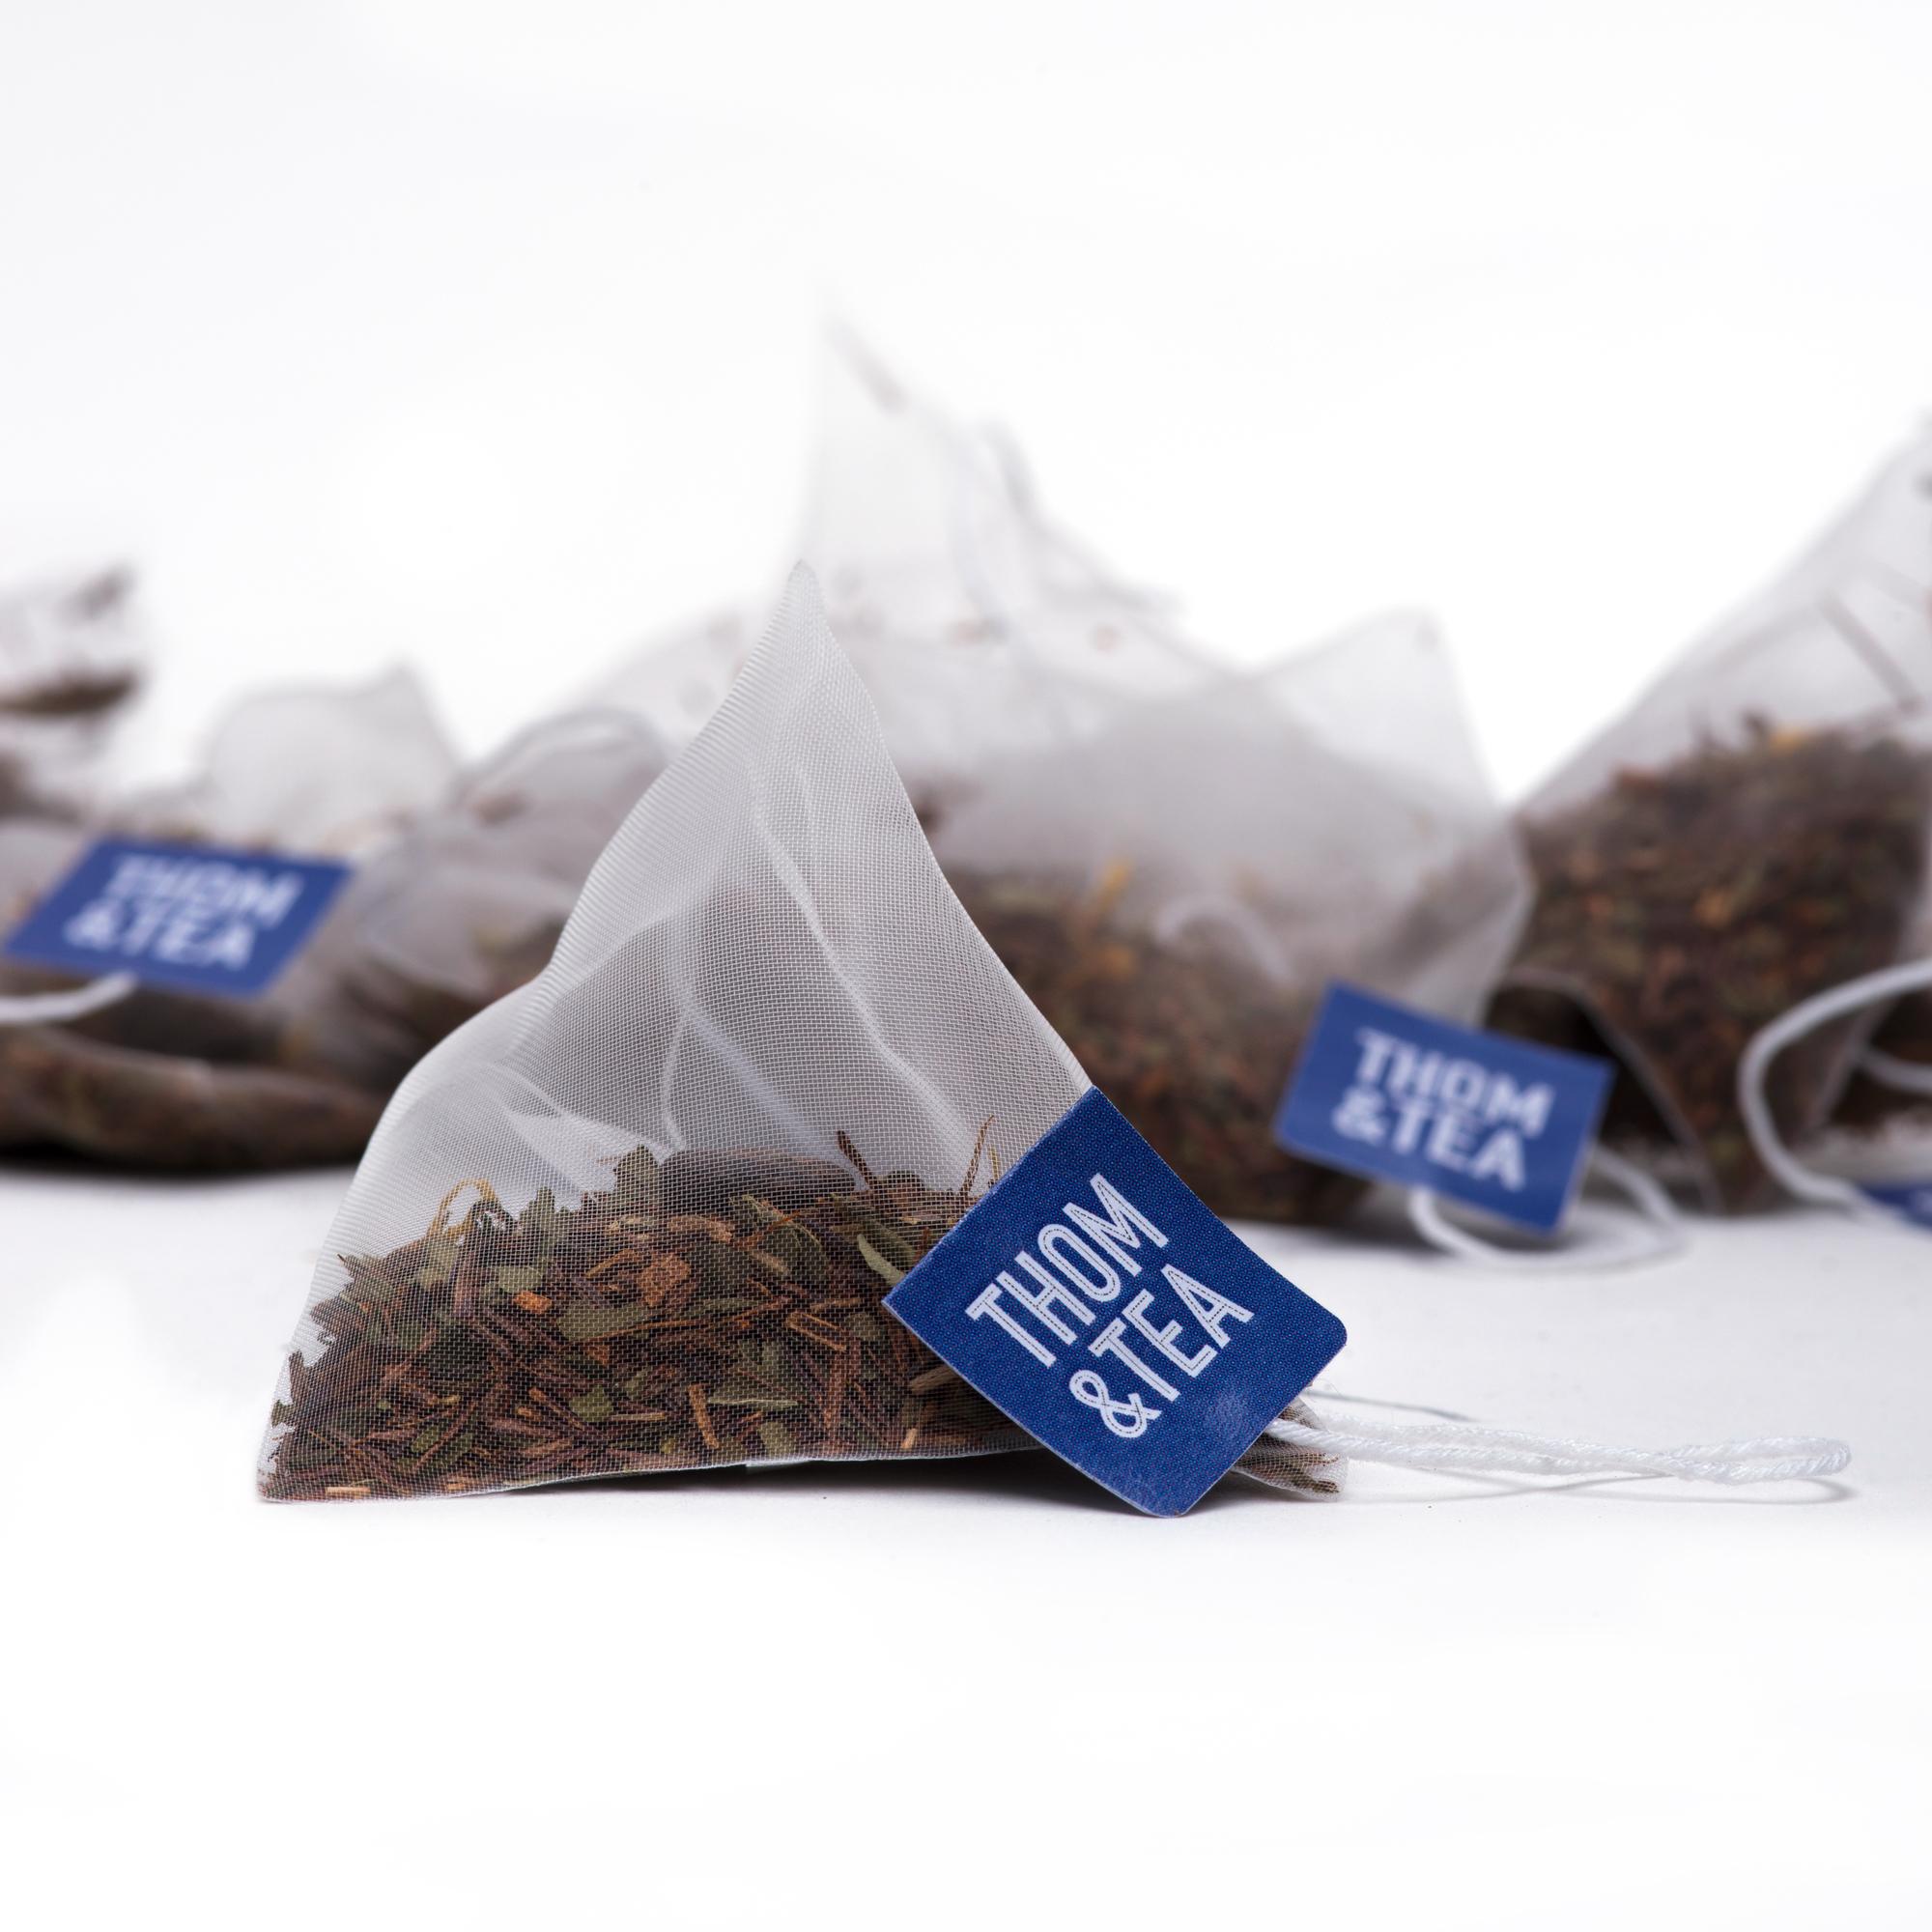 THOM&TEA-Mint-Choc-Tea-Bag-Group.jpg